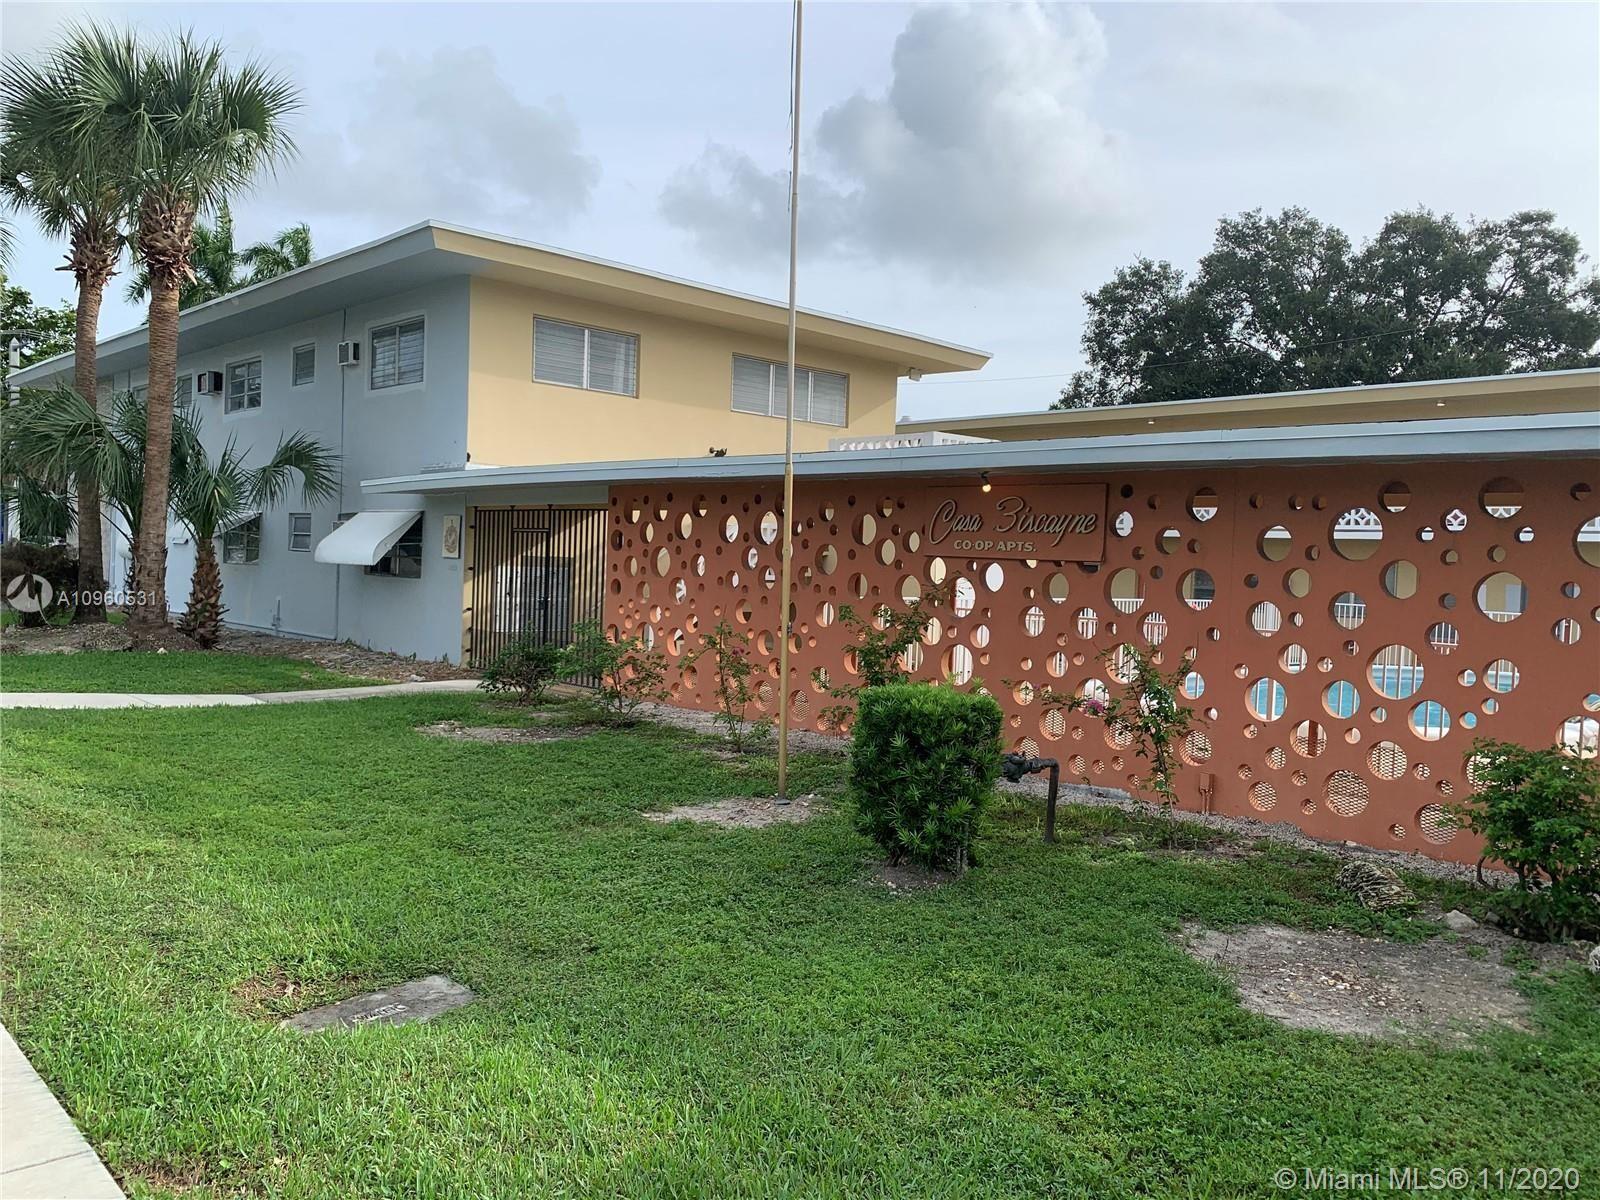 12665 NE 16th Ave #25, North Miami, FL 33161 - #: A10960531